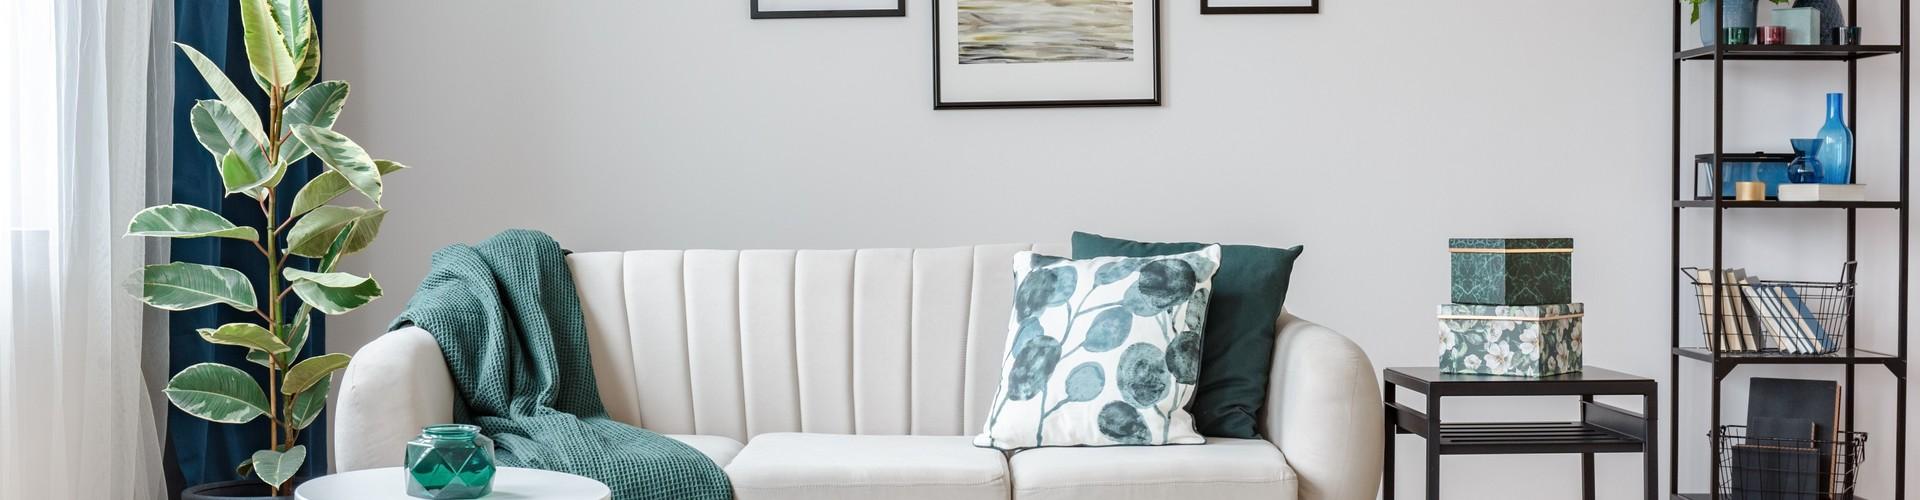 Meubels voor de woonkamer online kopen bij Winkel voor Thuis